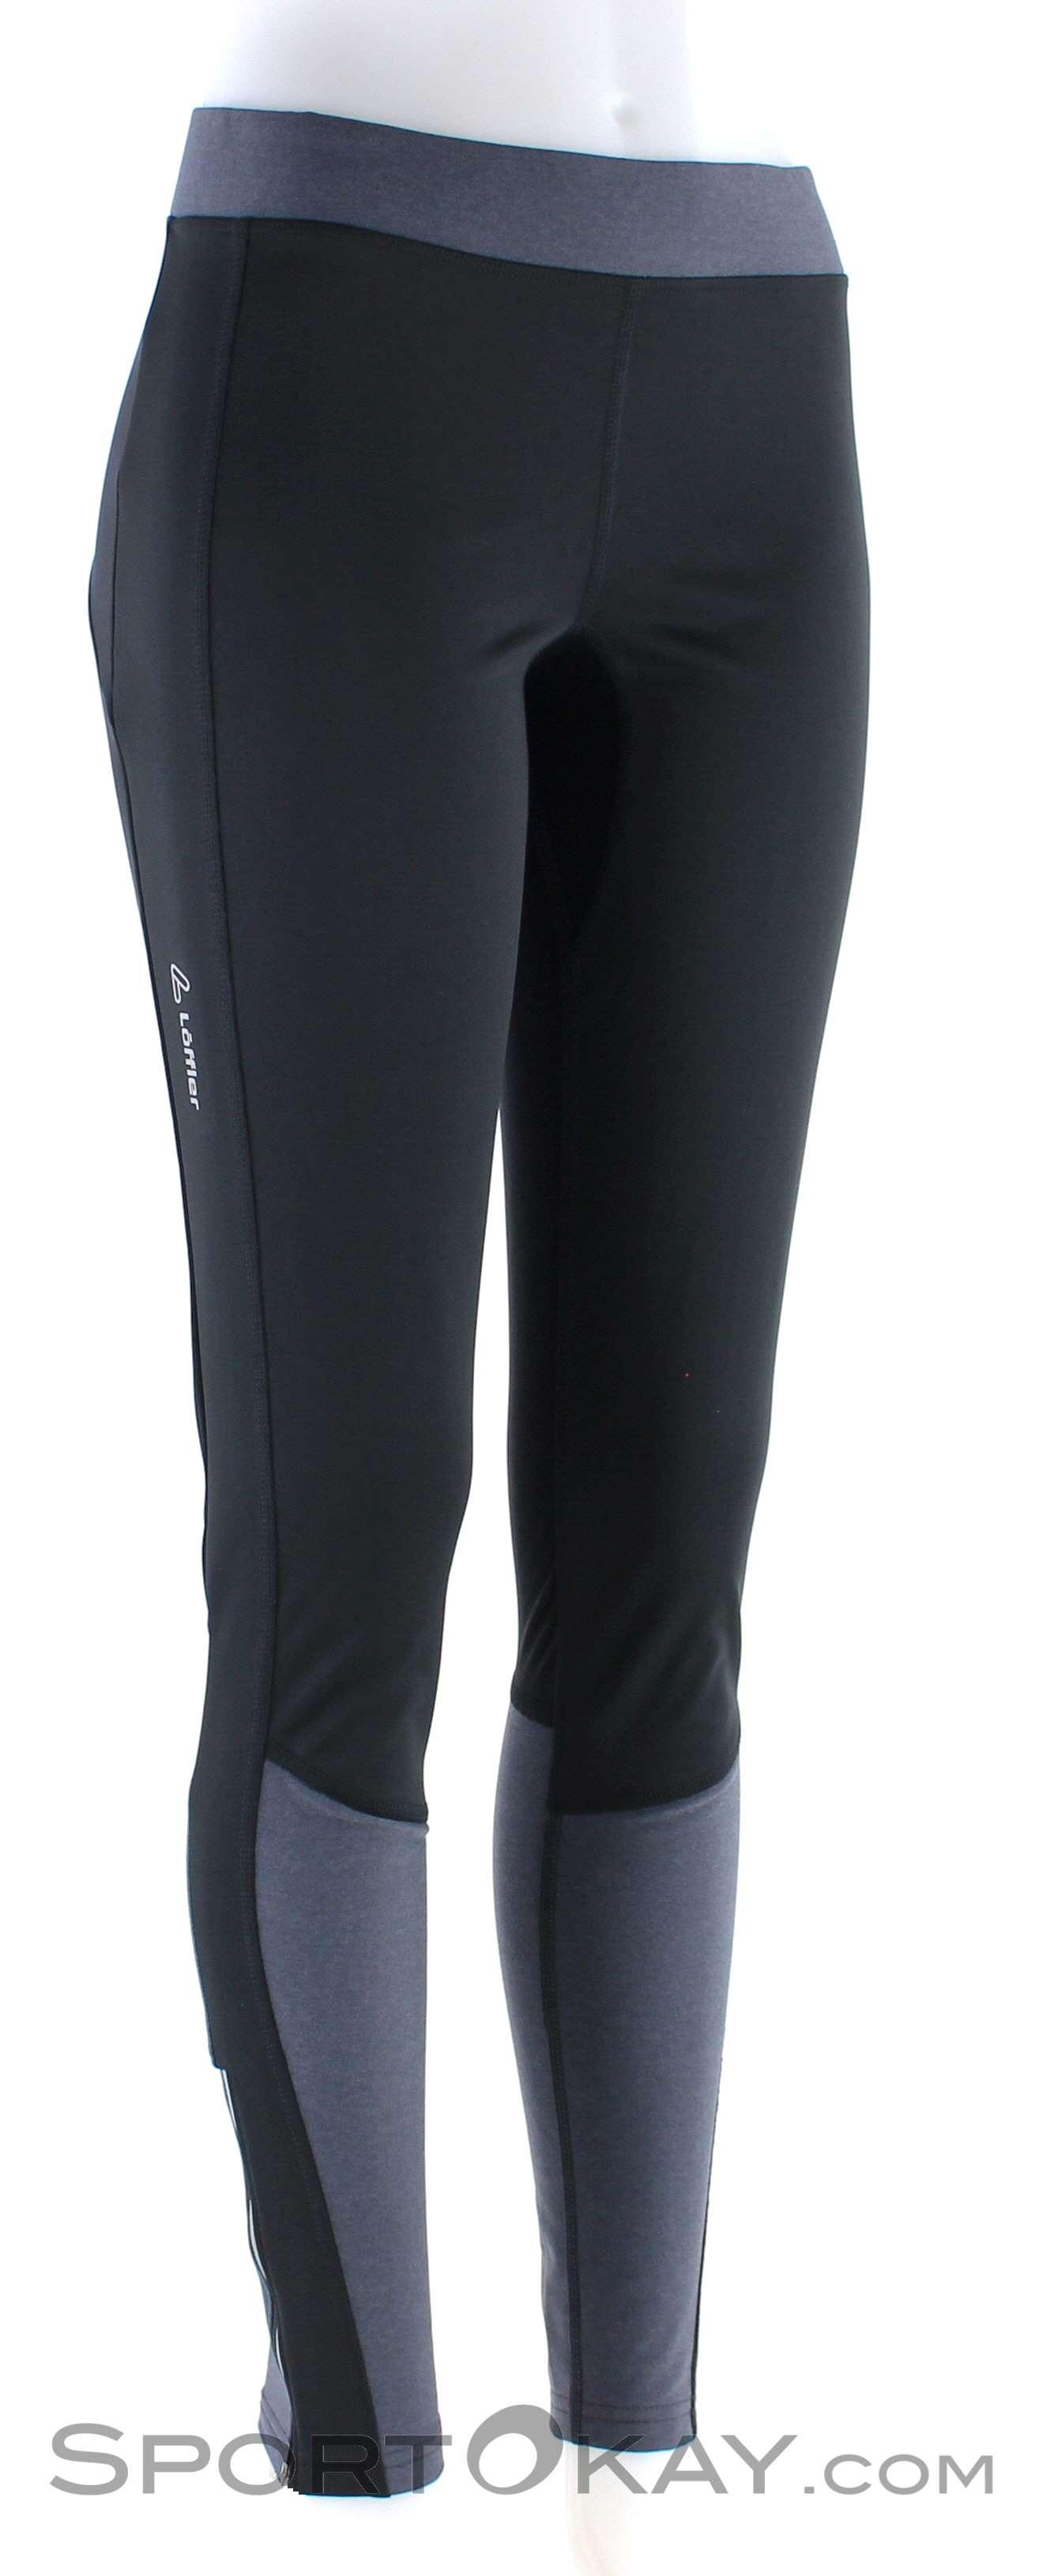 sehr bekannt zu verkaufen heiß-verkaufender Fachmann Löffler Löffler Tights Fusion WS Softshell Damen Laufhose